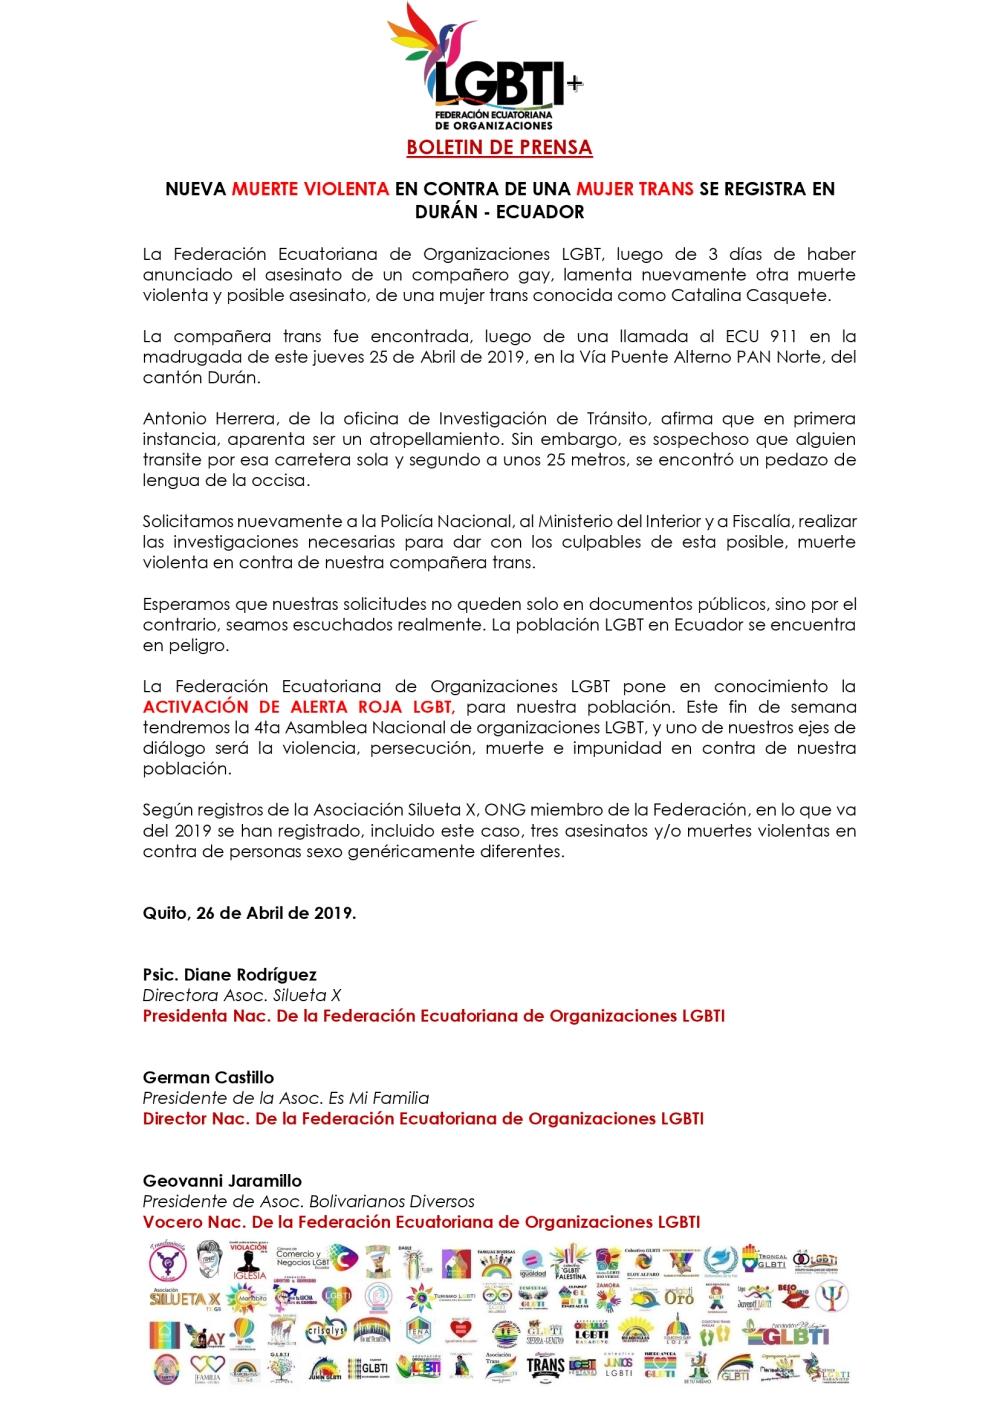 NUEVA-MUERTE-VIOLENTA-EN-CONTRA-DE-UNA-MUJER-TRANS-SE-REGISTRA-EN-DURÁN-ECUADOR-Federación-Ecuatoria